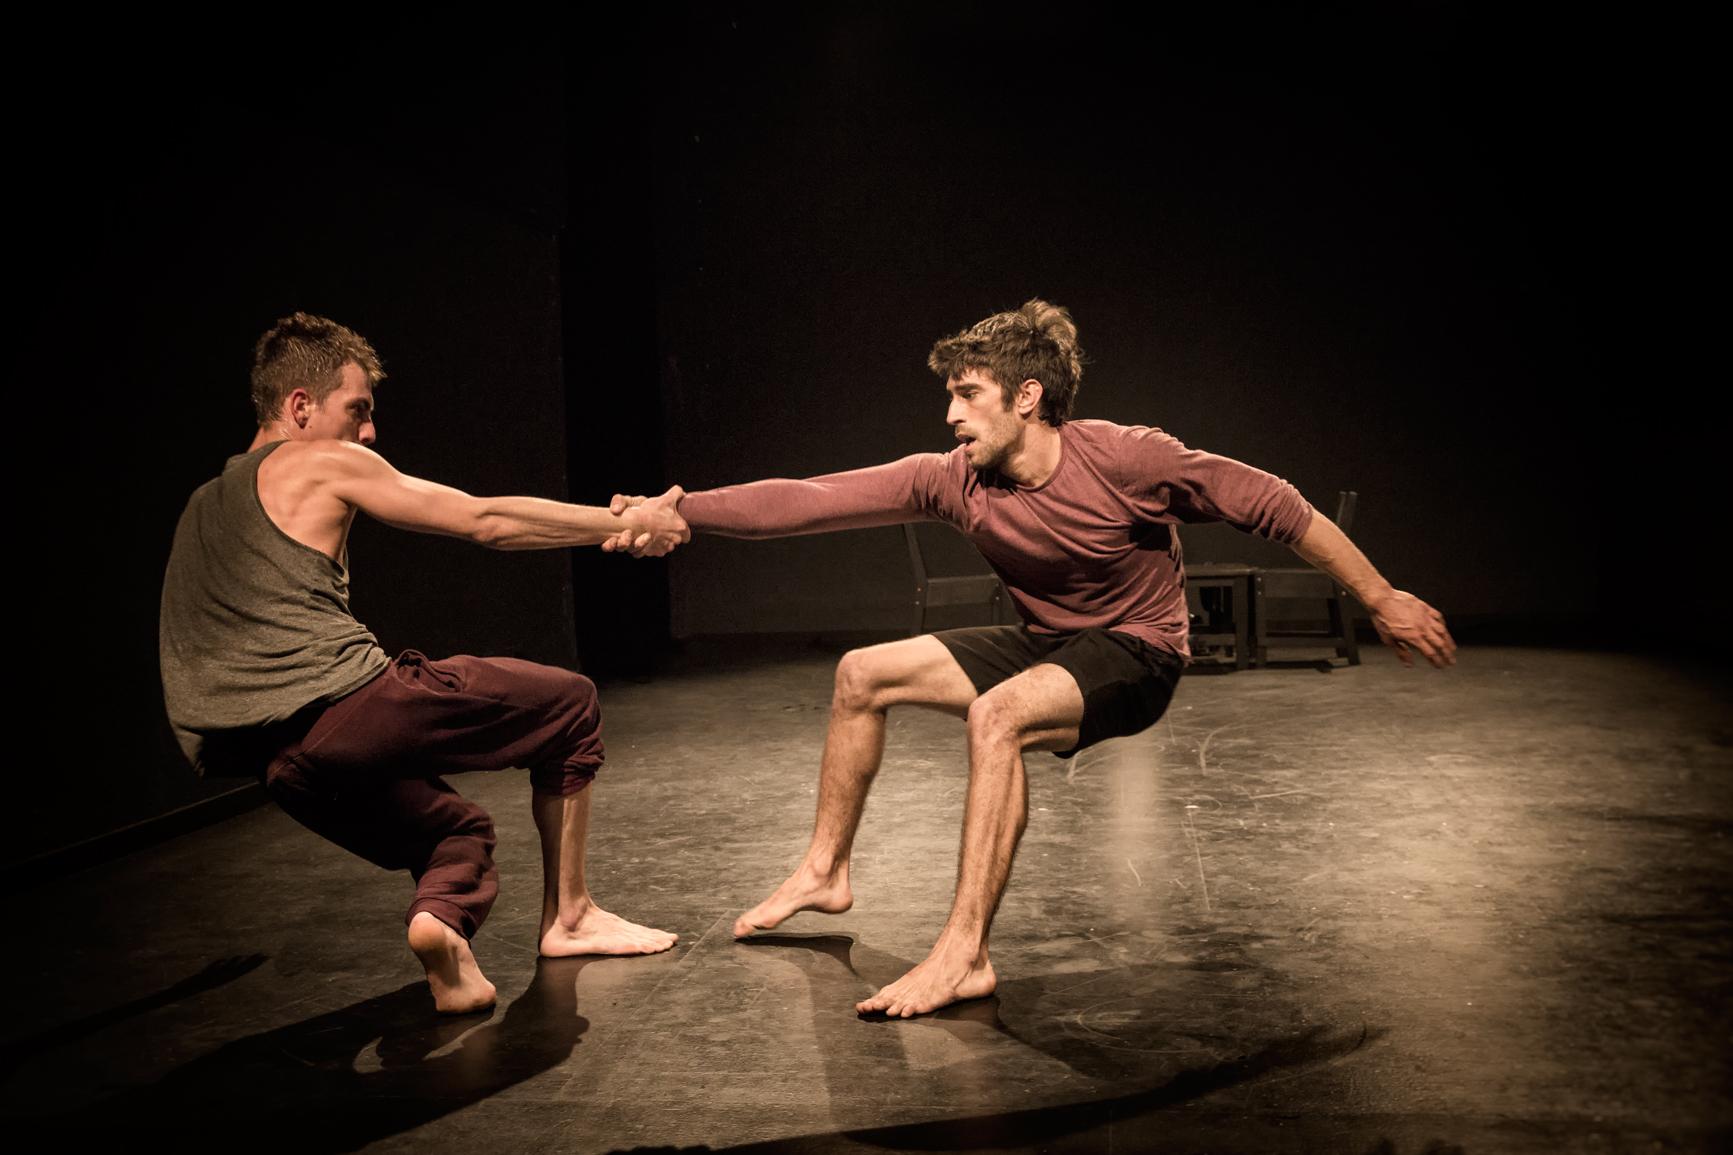 Fotografiando a actores de circo. Fotografías de la pieza BUBBLE de la Cia El lado oscuro de las flores realizadas en el Antic Teatre en Barcelona